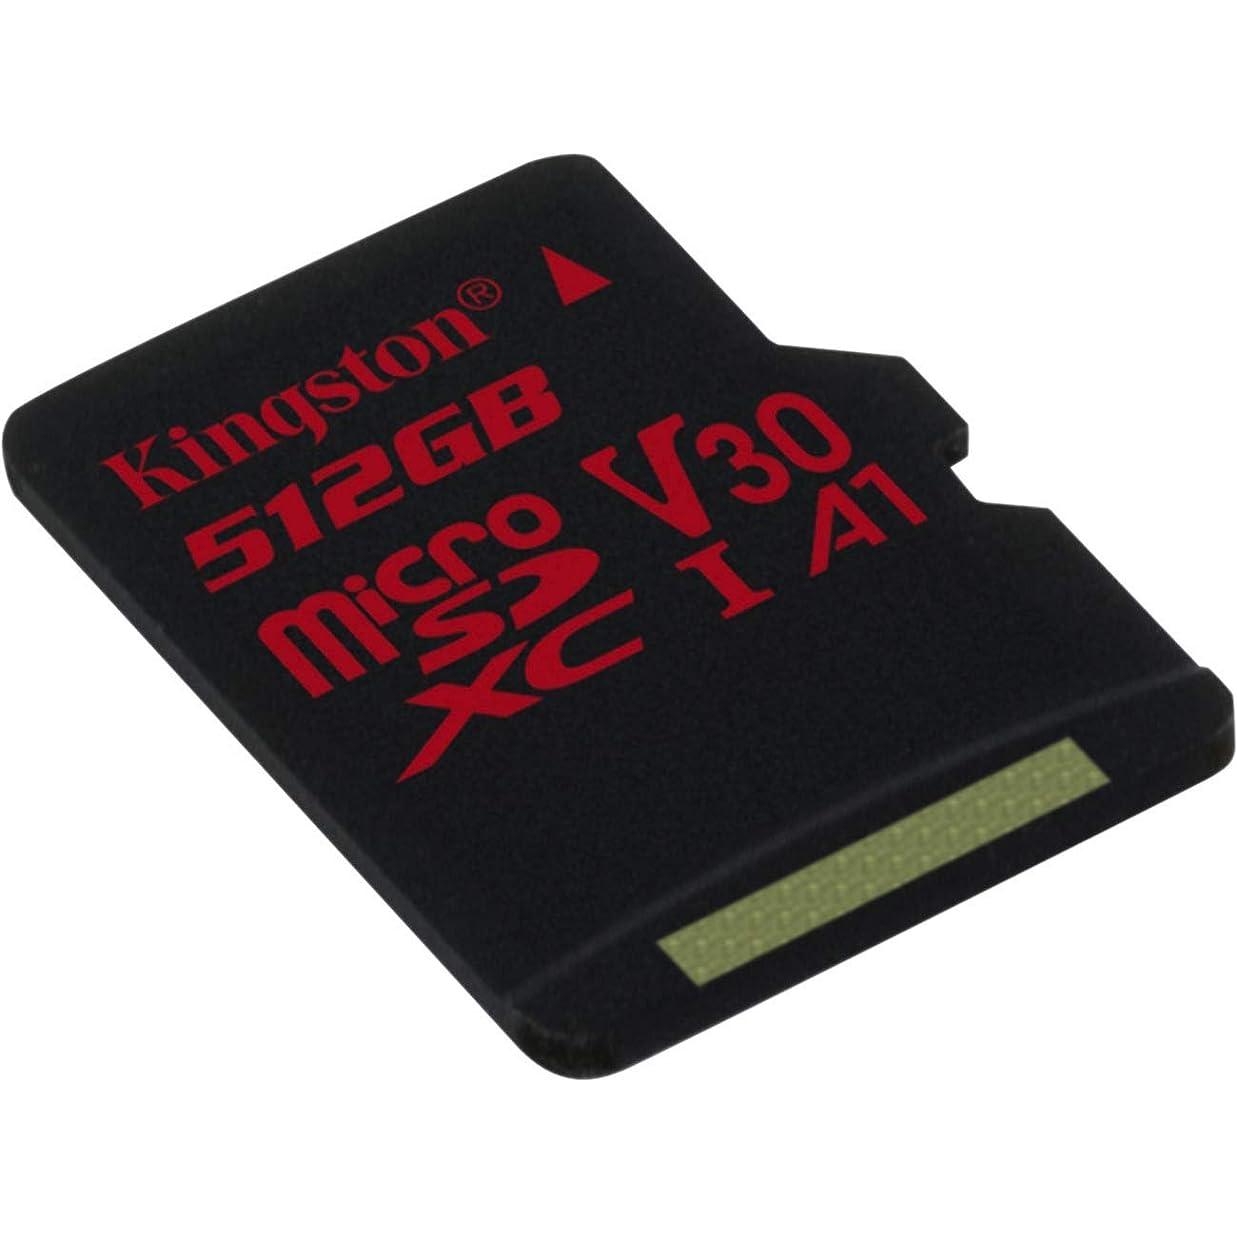 ジョガー大きさ子孫プロフェッショナル キングストン512GB MicroSDXC サムスンGalaxy Ace 3 GT-S7270用 カスタム100MB/秒フォーマットSDアダプター付き (クラス10/UHS-I/U3/A3/V30)